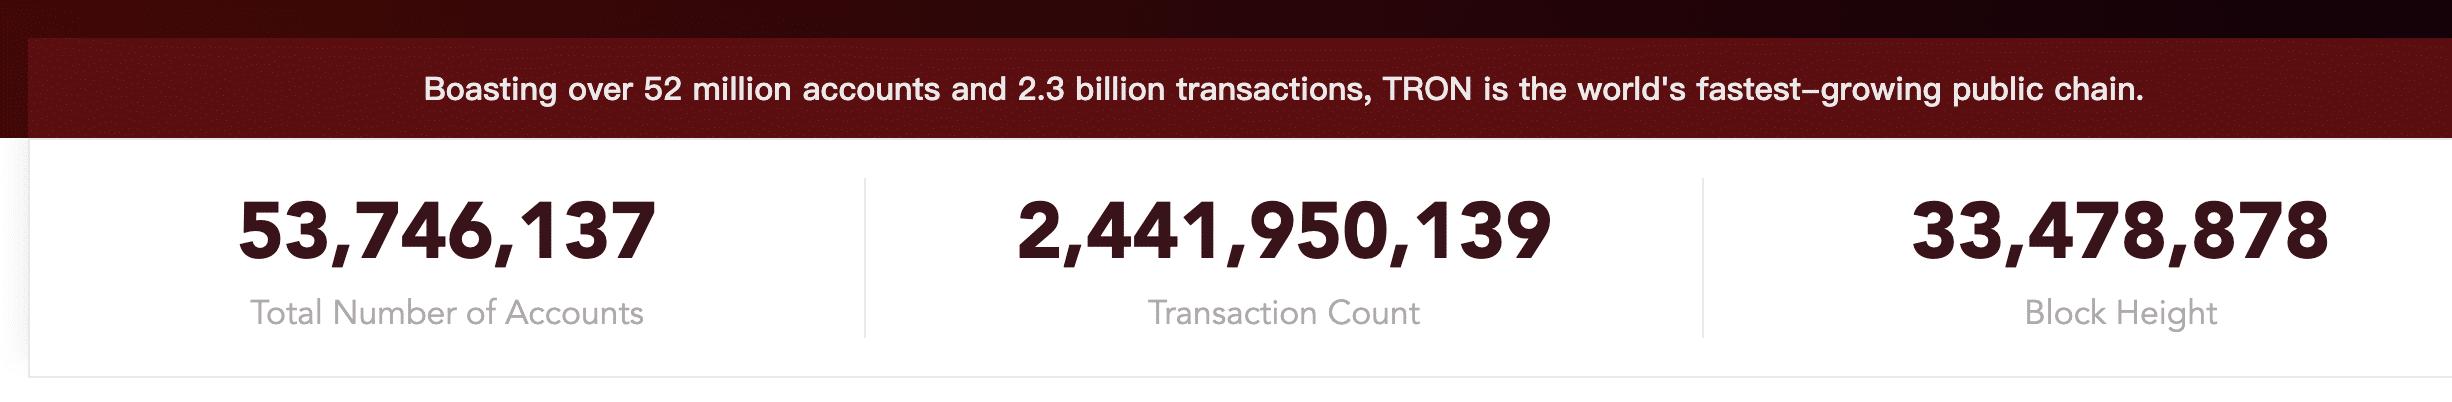 tron blockchain platform